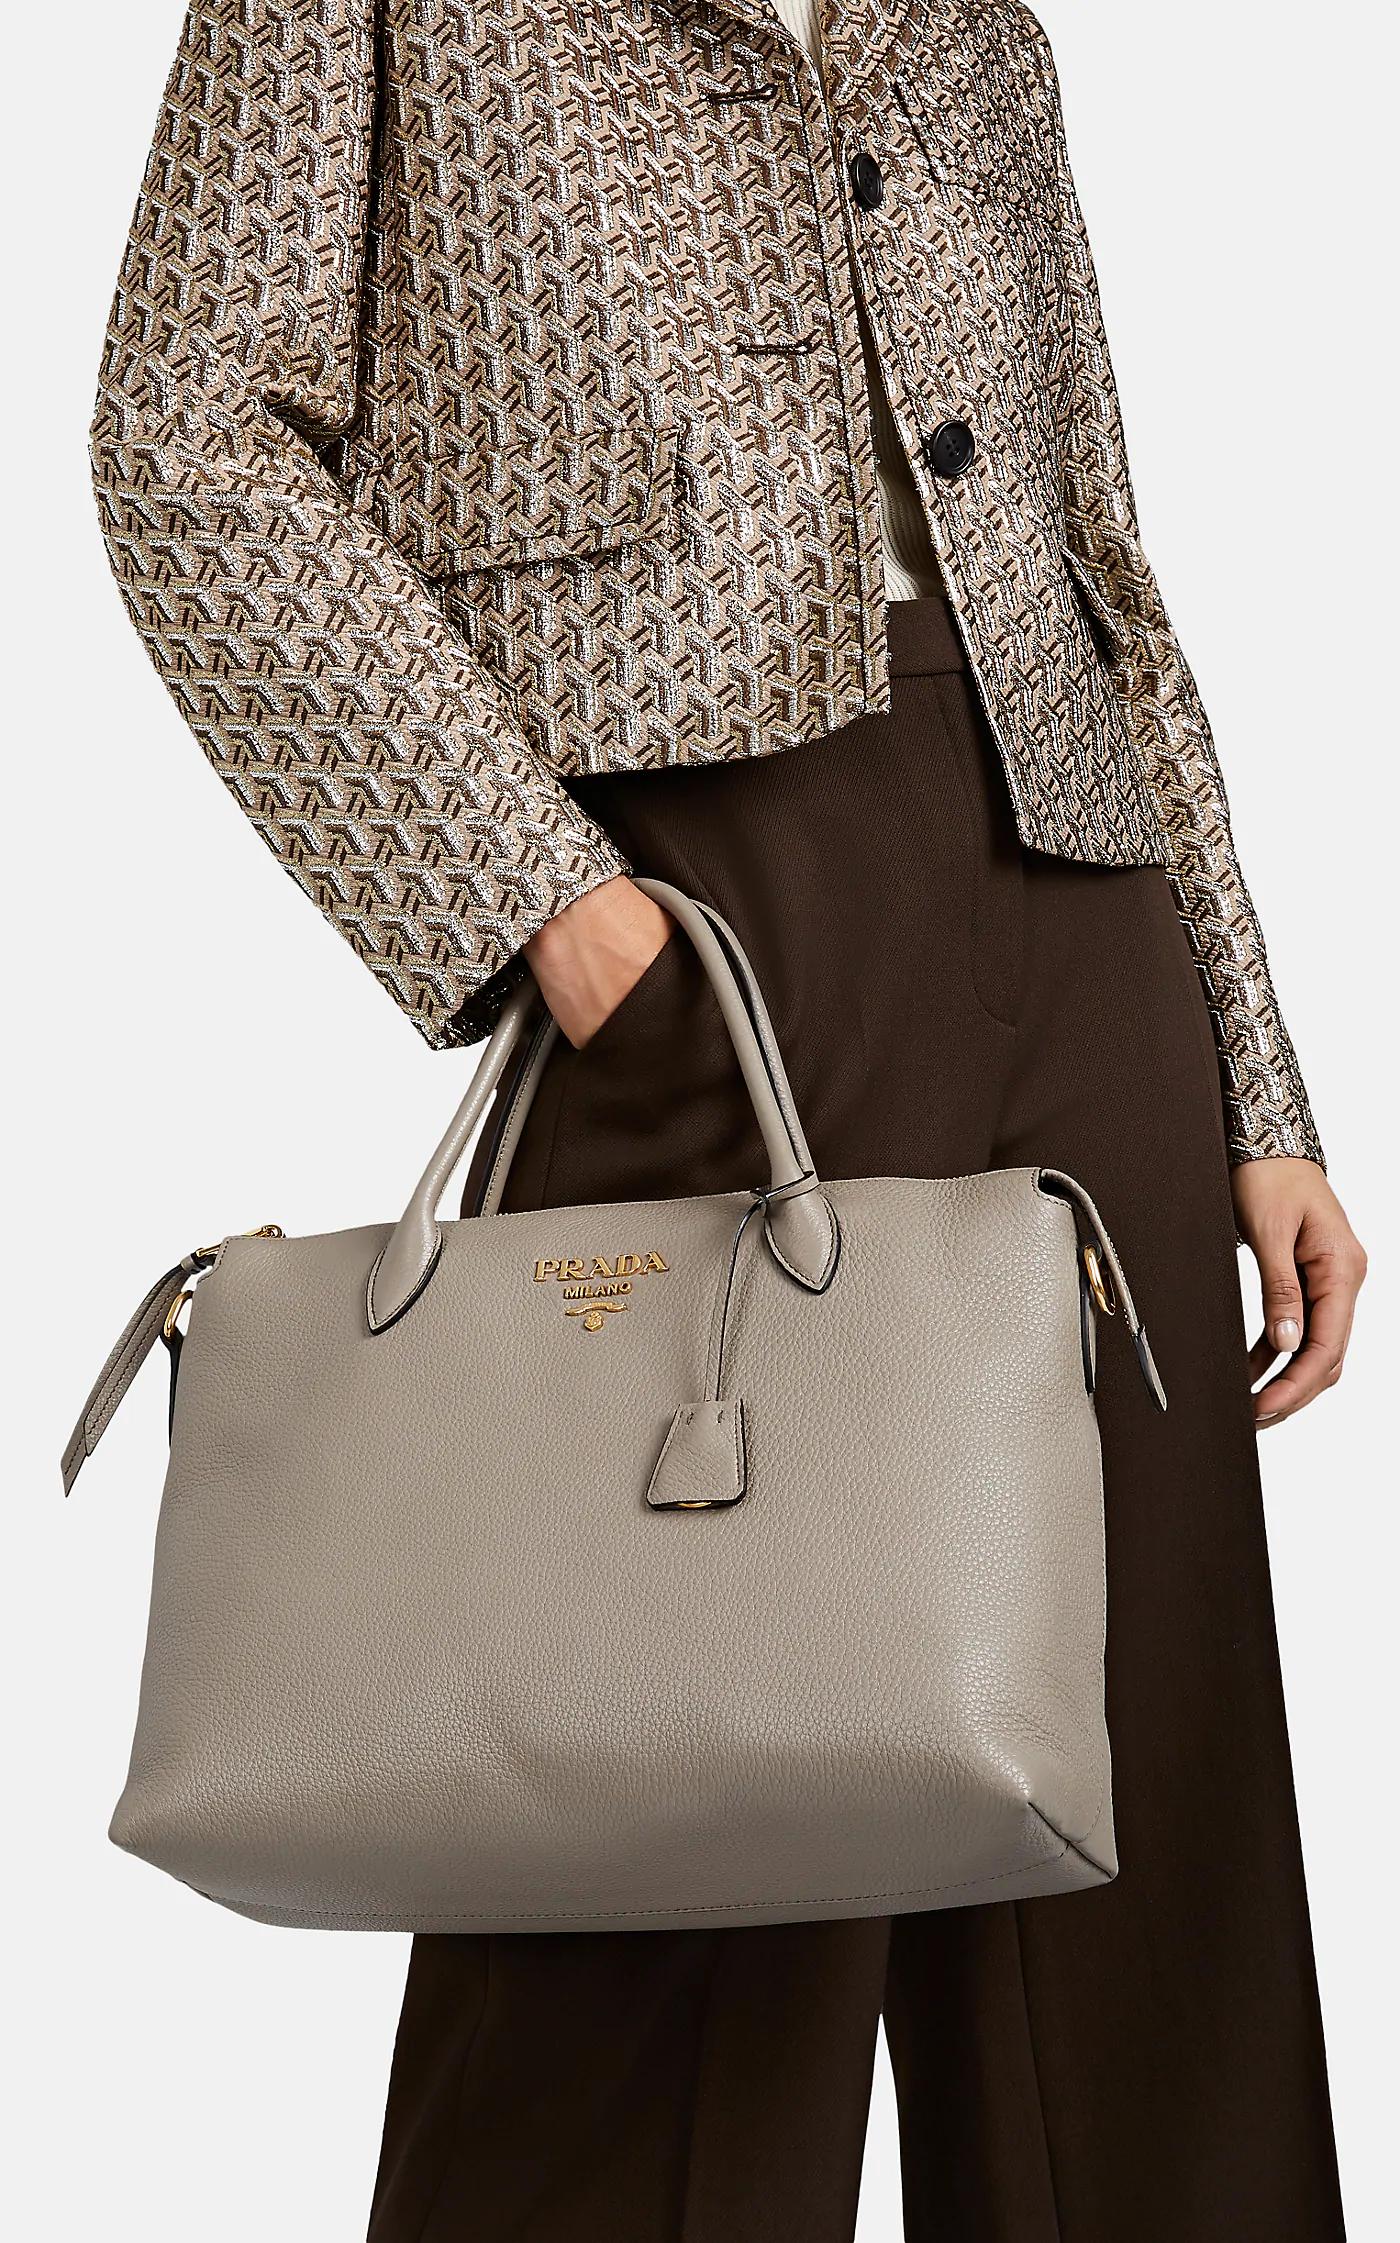 Daino Prada Tote Bag Grey